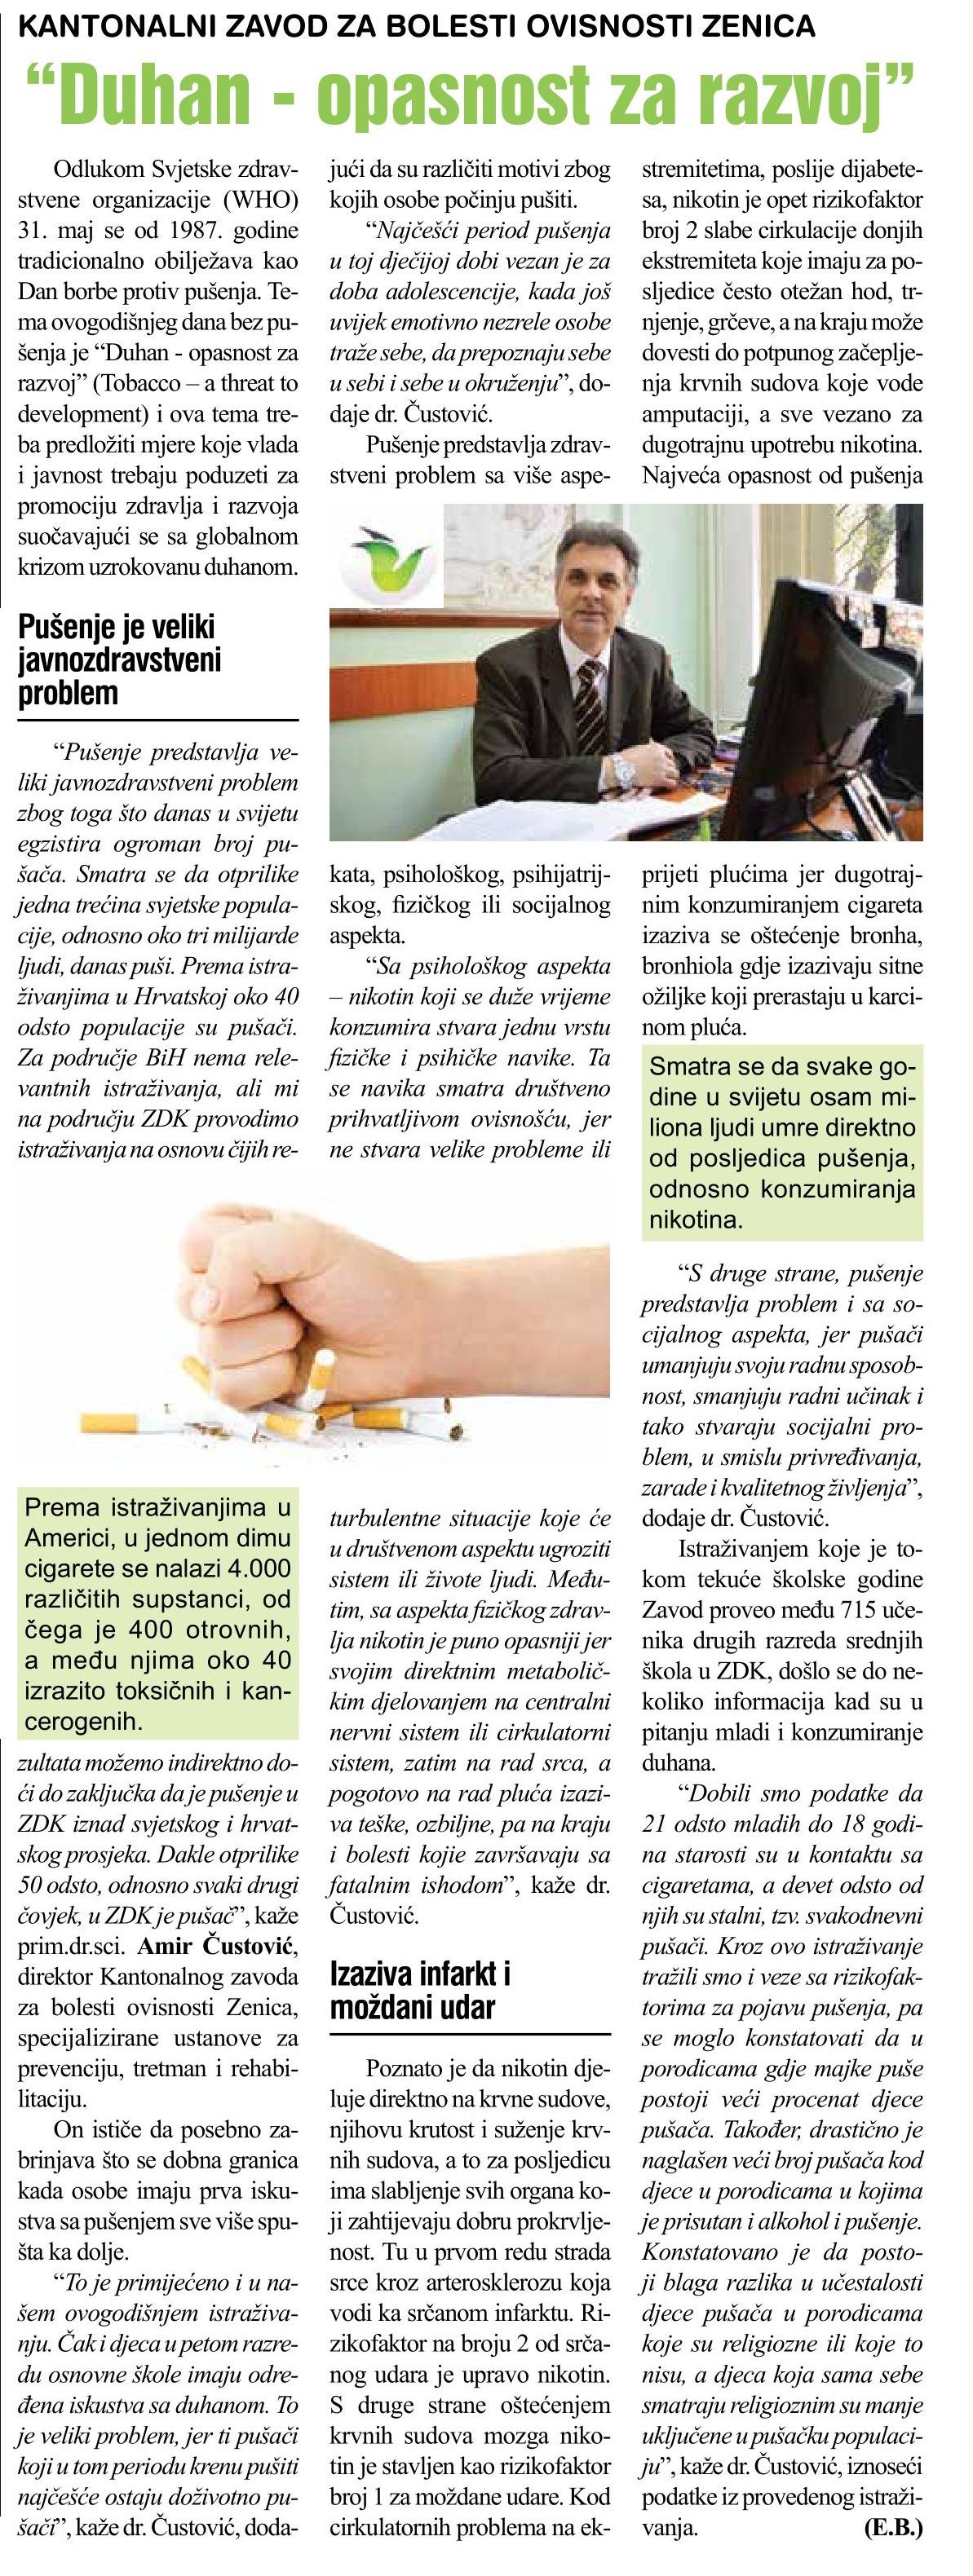 Članak u Našoj riječi prilikom 31.5.2017 godine - Svjetskog dana nepušenja duhana